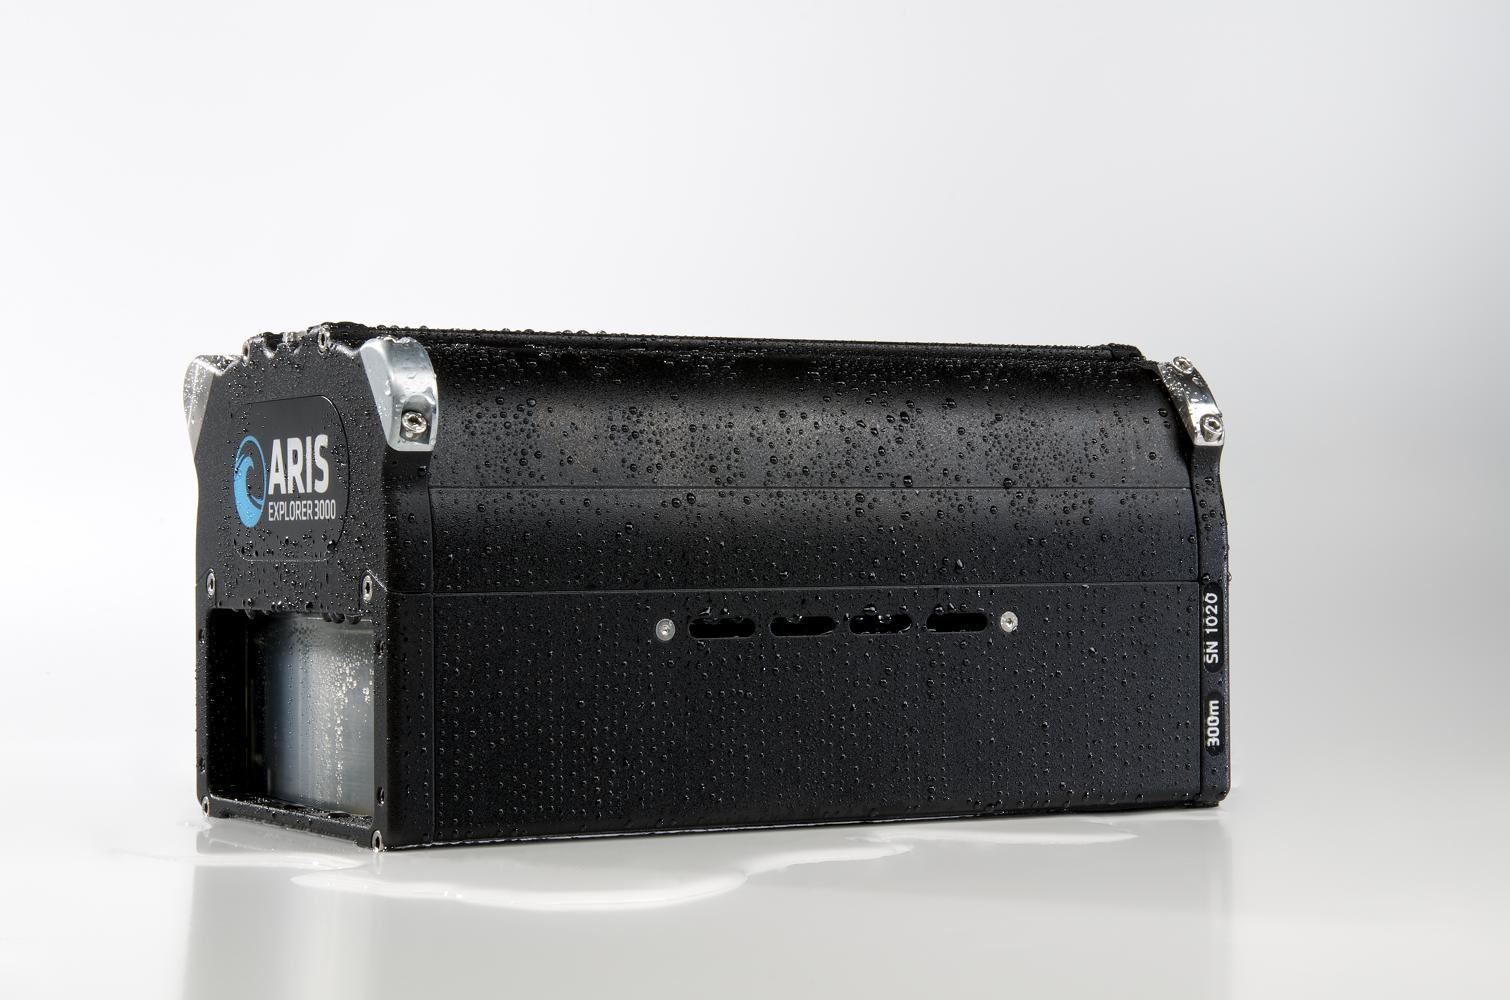 Aris: ARIS Explorer 3000